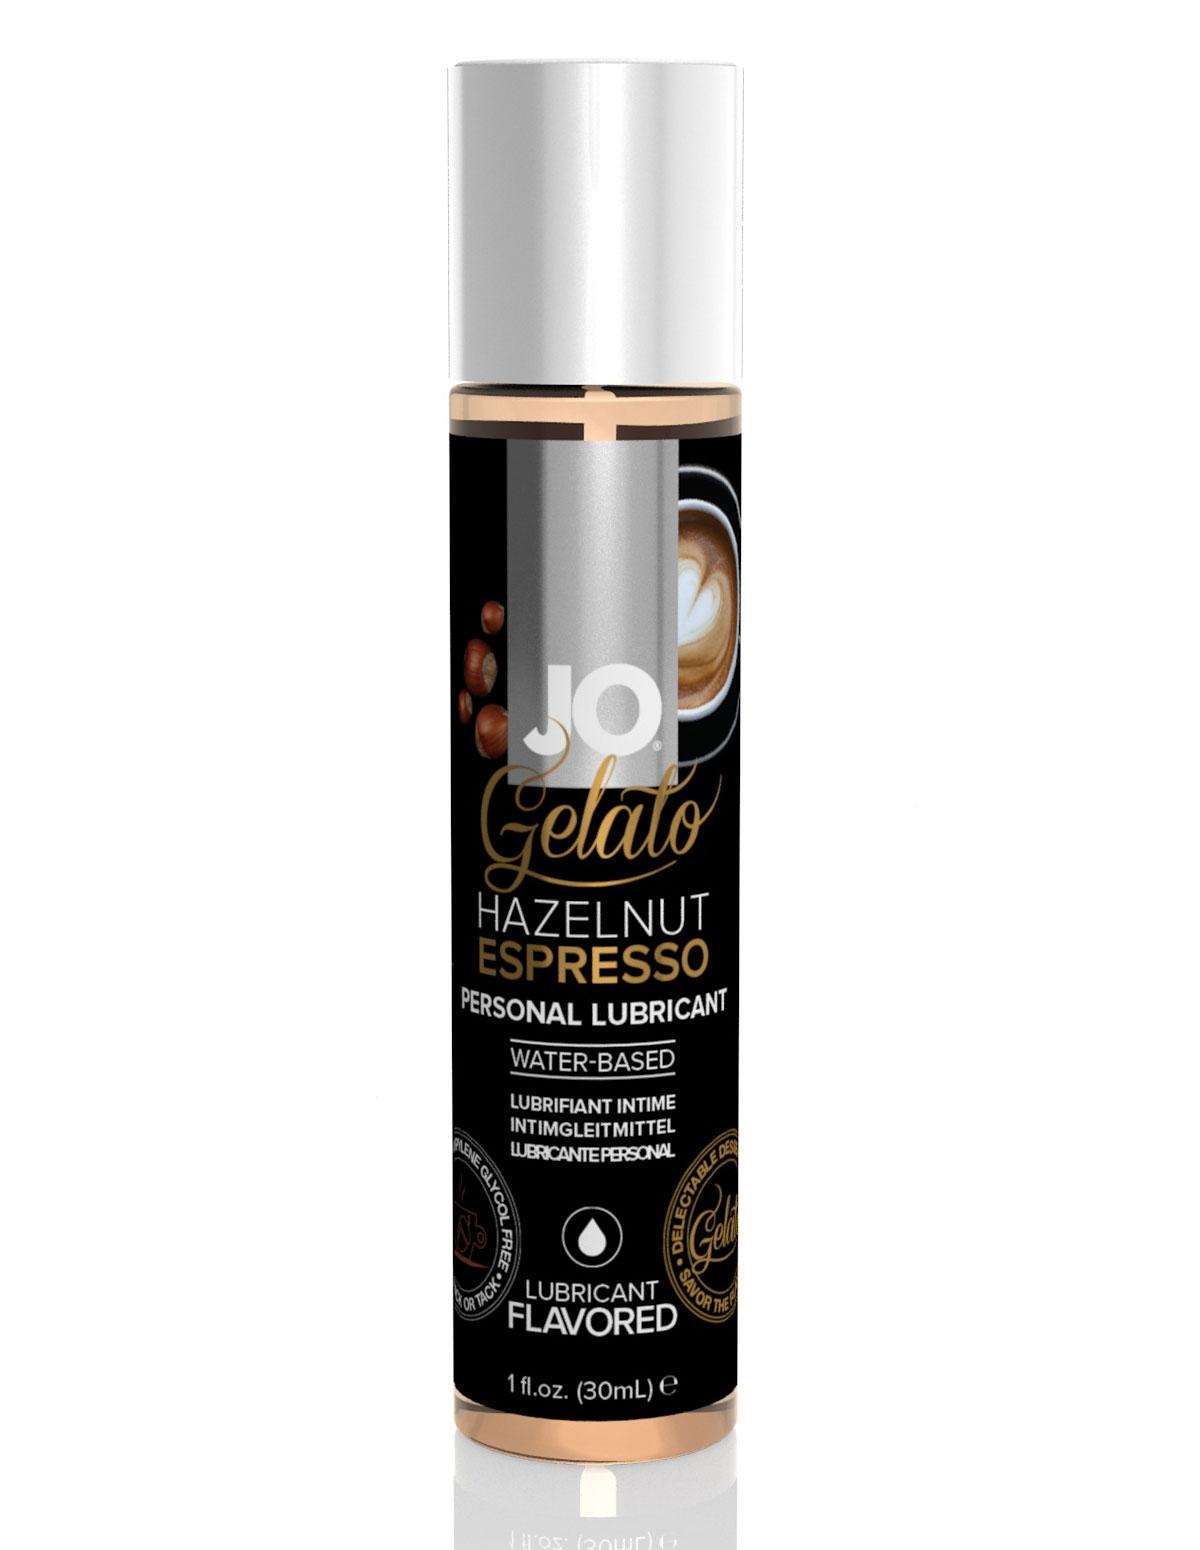 Jo Gelato Hazelnut Espresso 4 Oz Lube